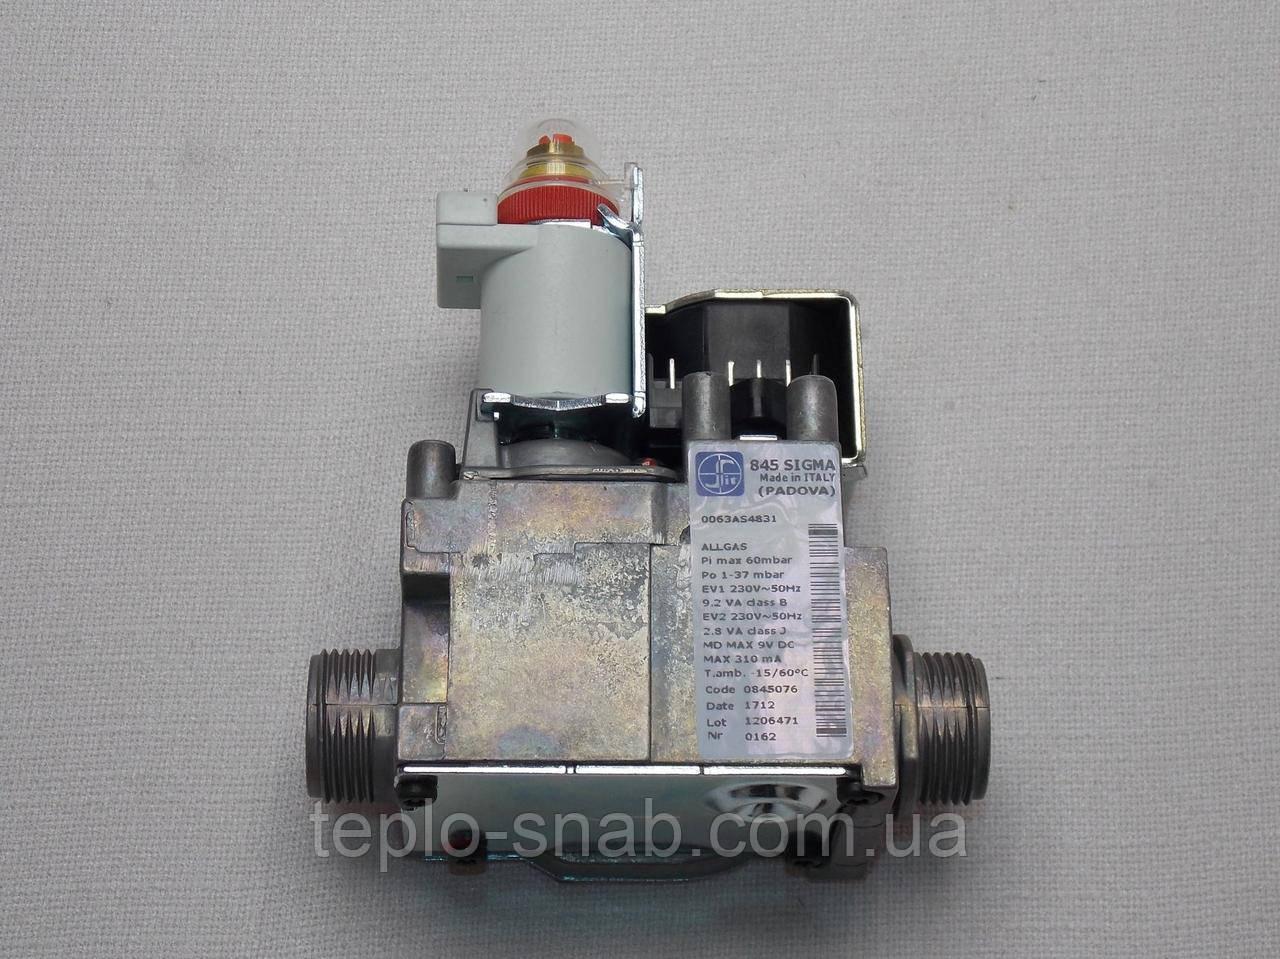 Газовый клапан Sit Sigma 845 - 0.845.076 (белый)